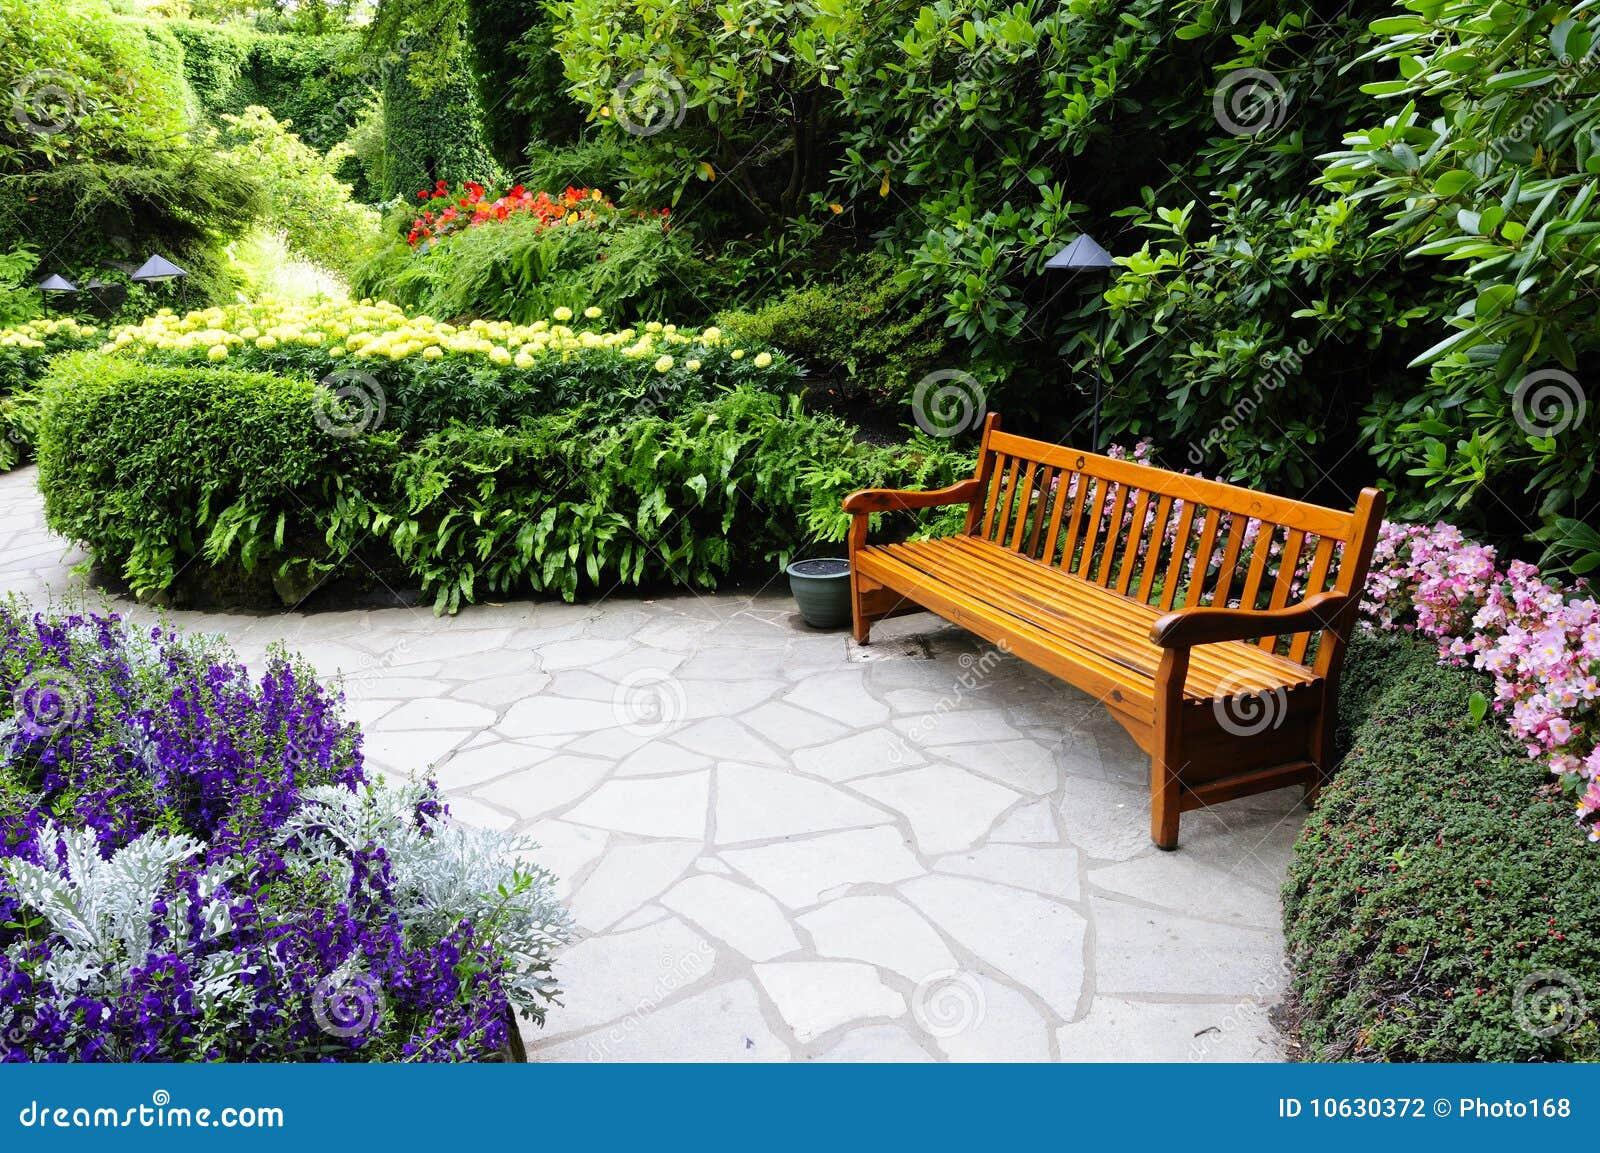 Wooden bench in Butchart Garden